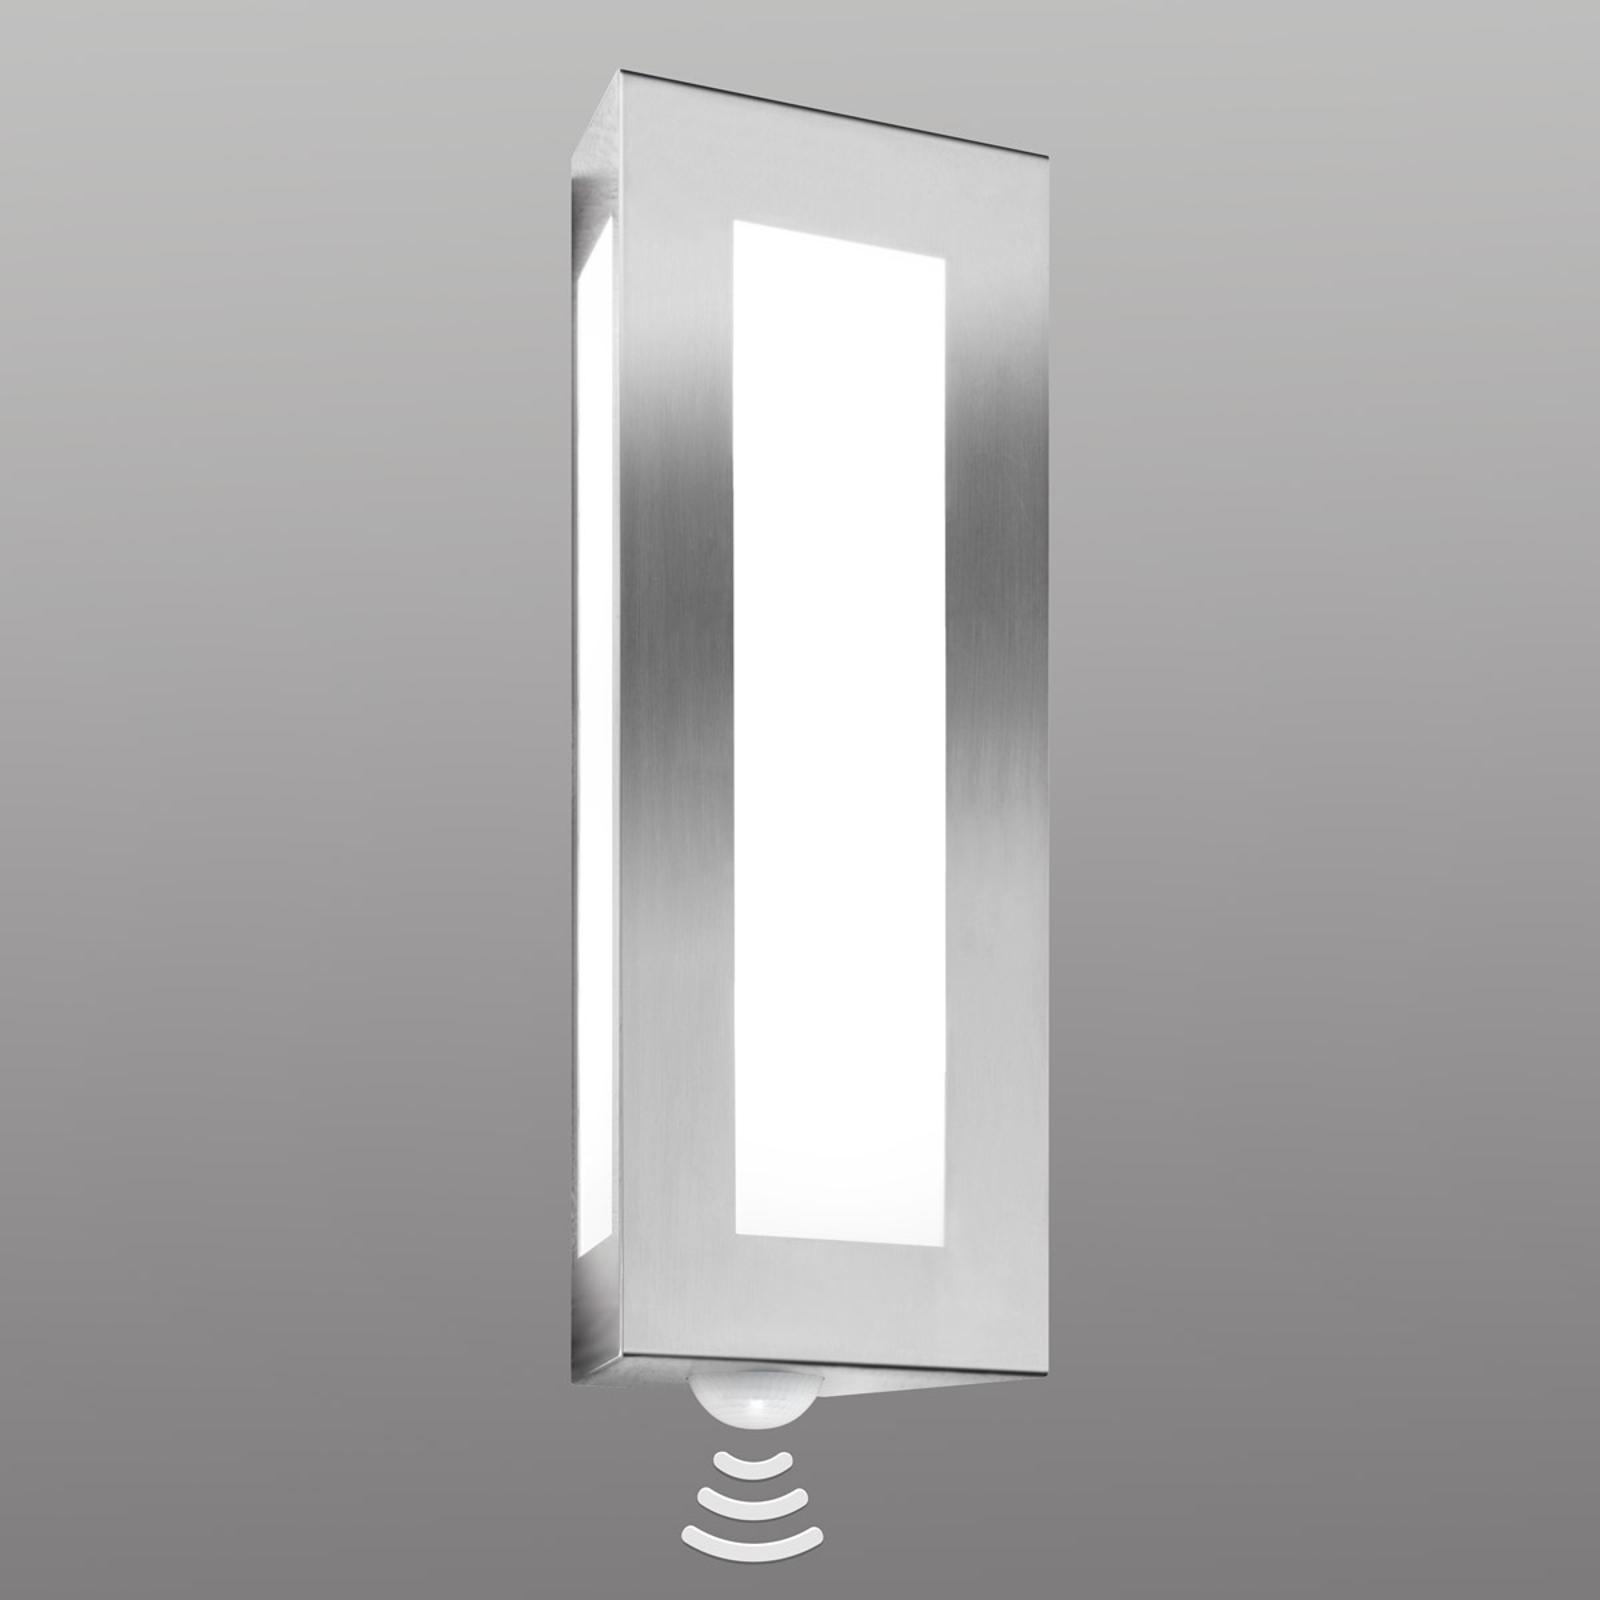 Decoratieve buitenwandlamp Lija, met sensor